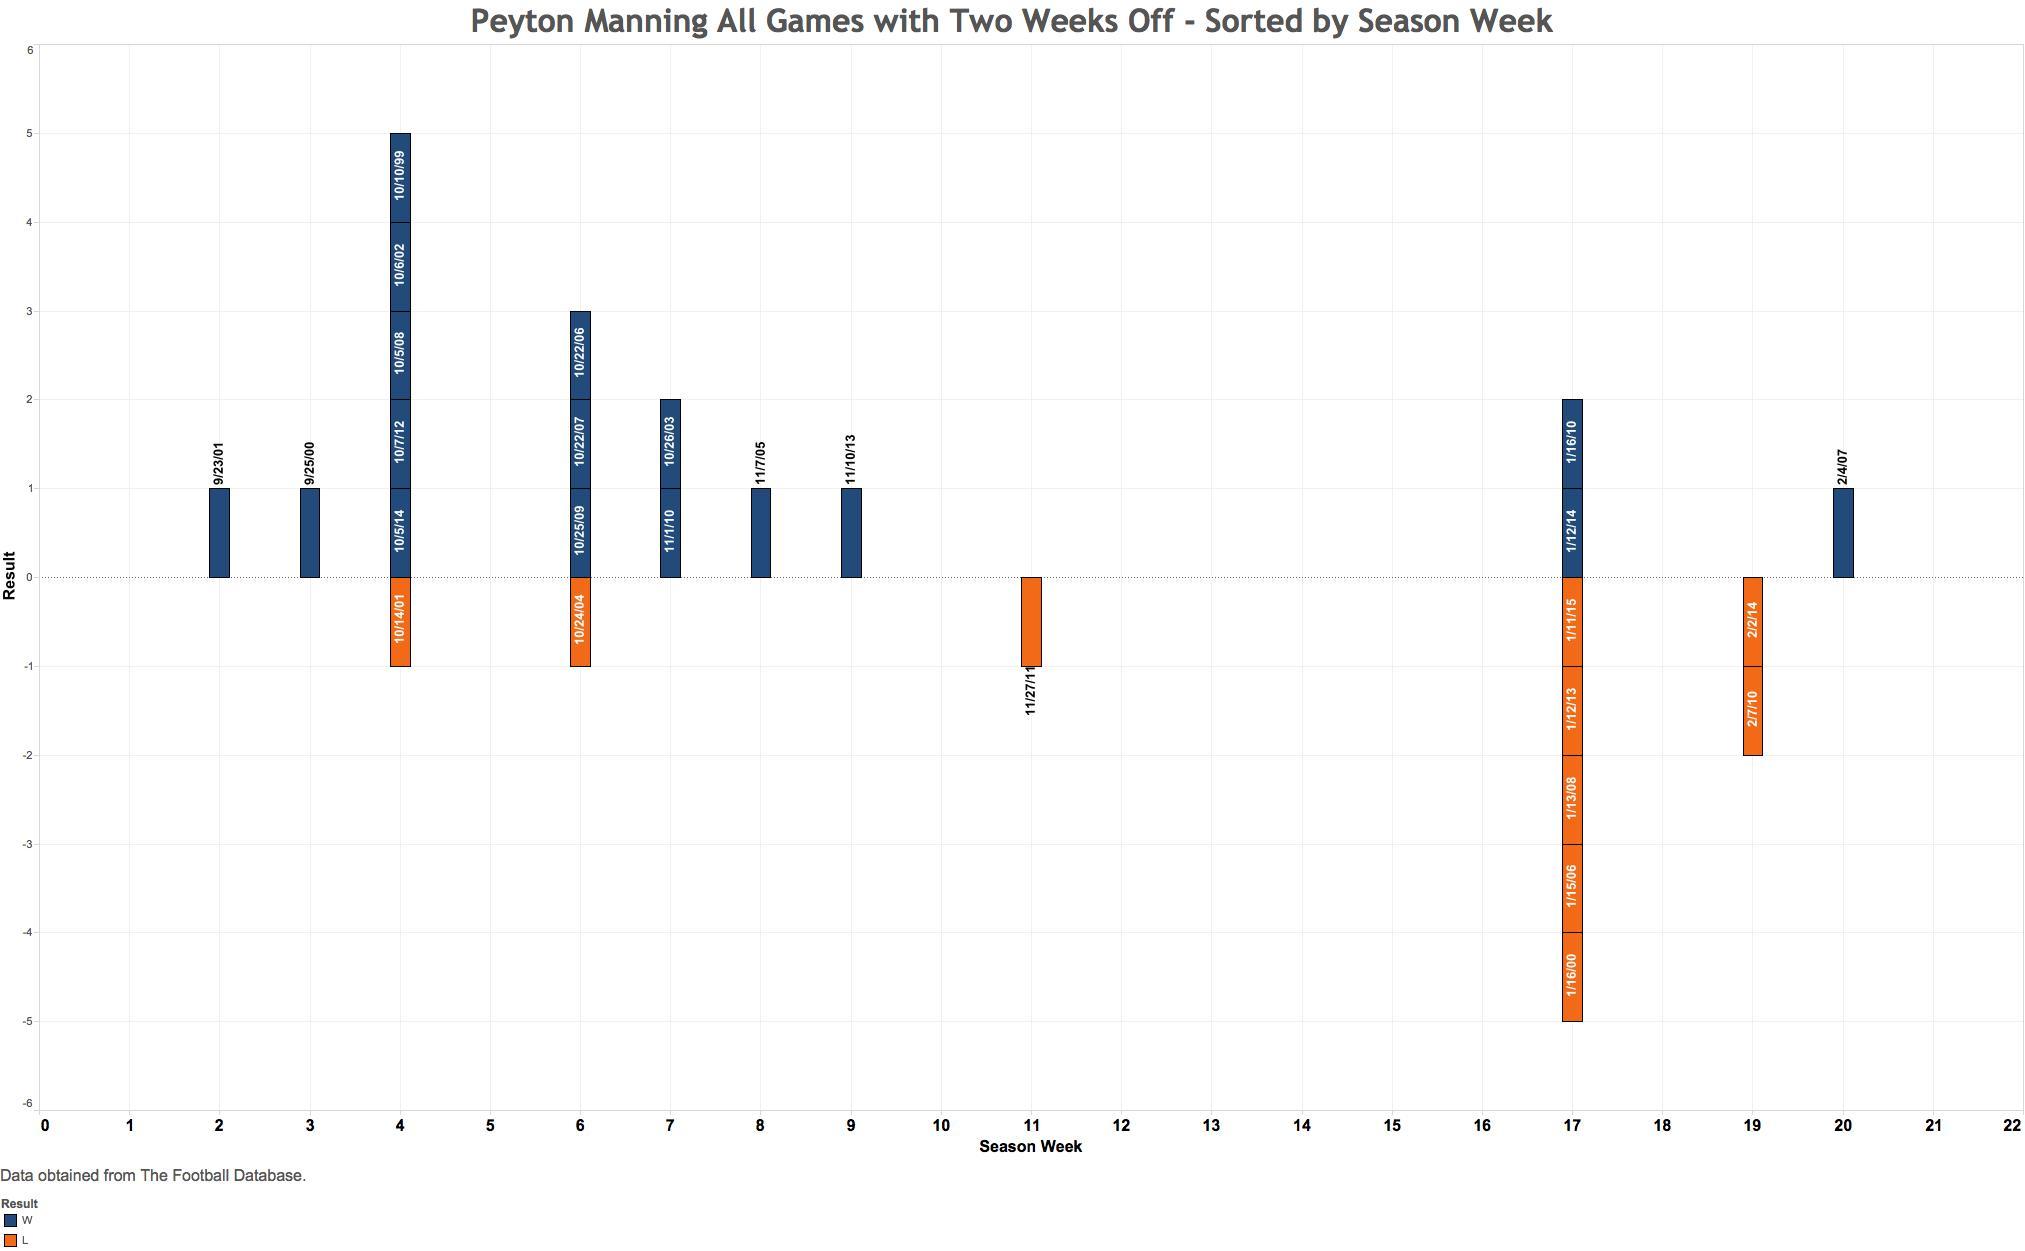 Season Week